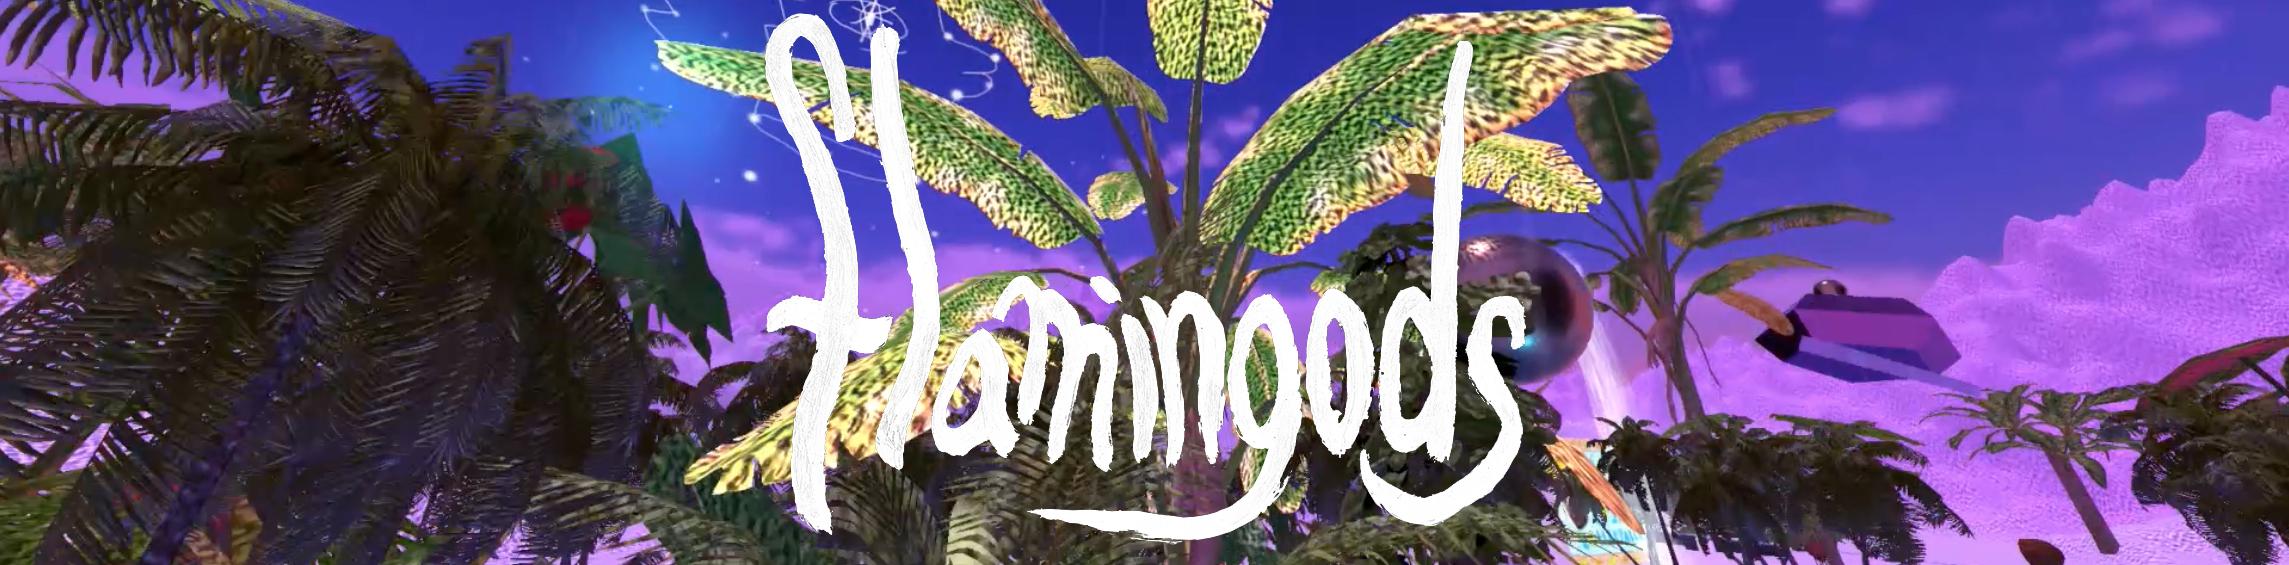 Flamingods ~ Kewali ||| Play in FULL SCREEN mode --->